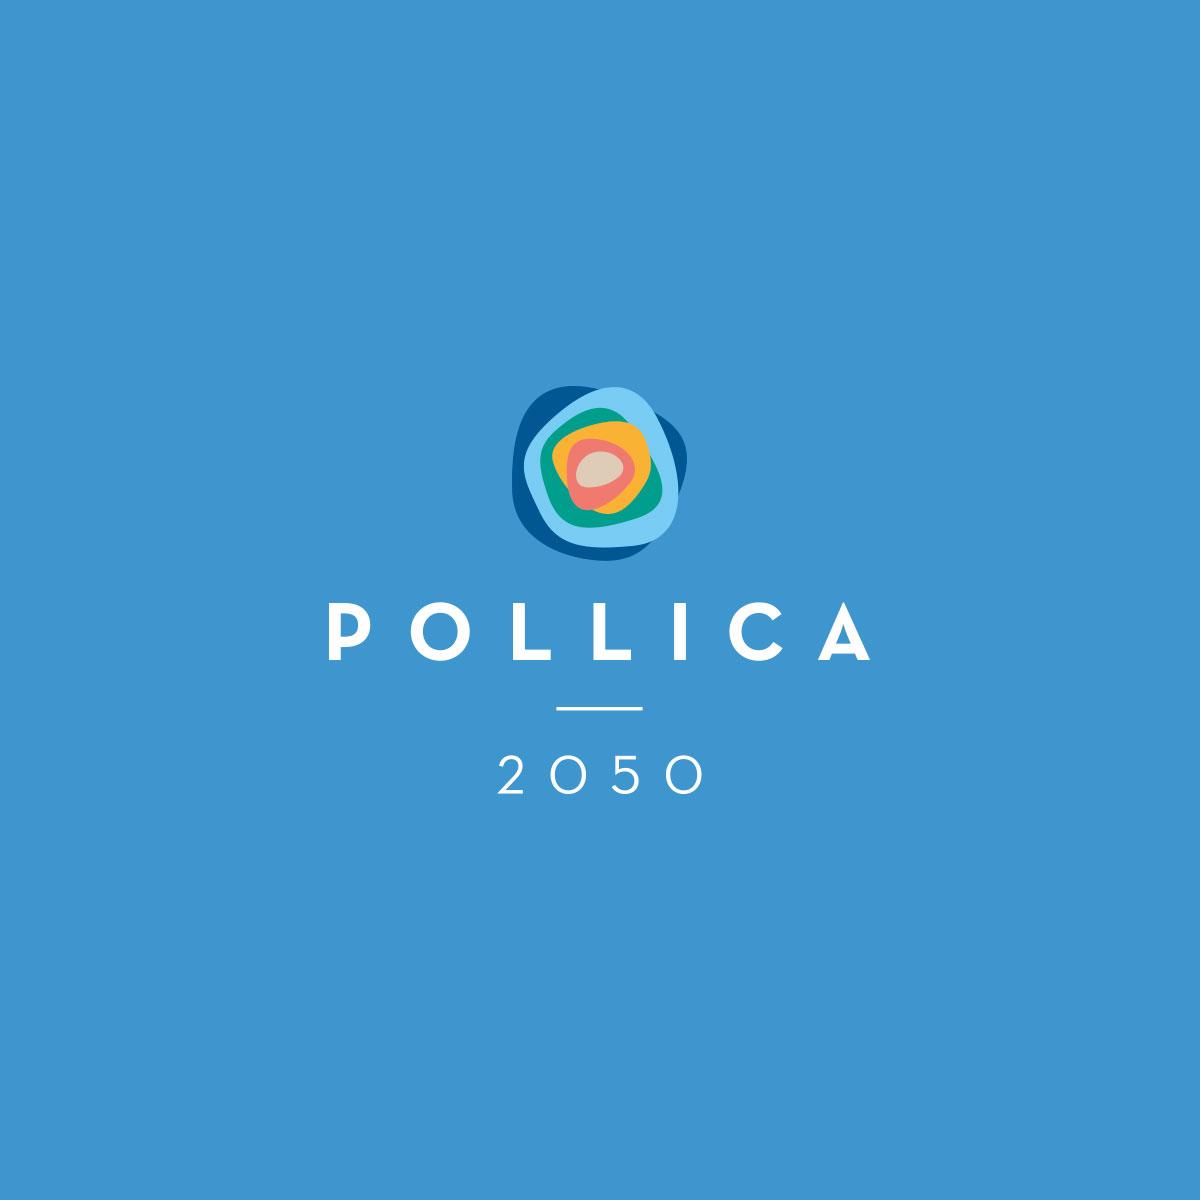 Pollica 2050 Future Food Institute - Logo - Design Umberto Angelini